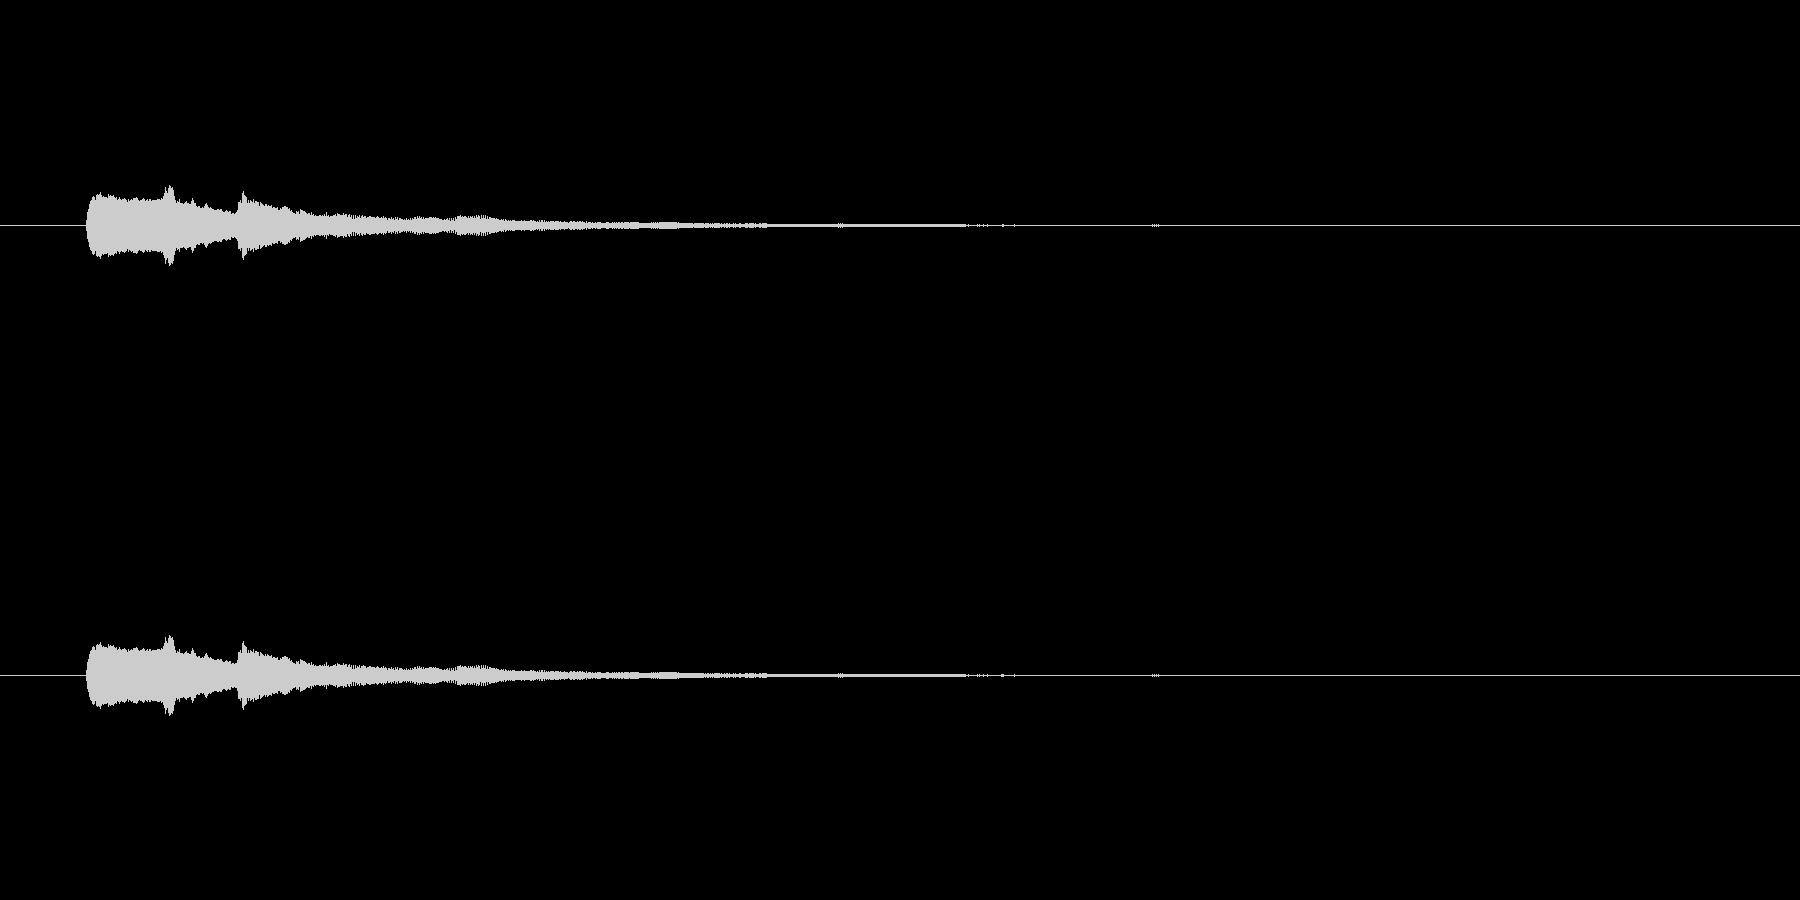 【キラリン】ハープシコード華麗なキラキラの未再生の波形